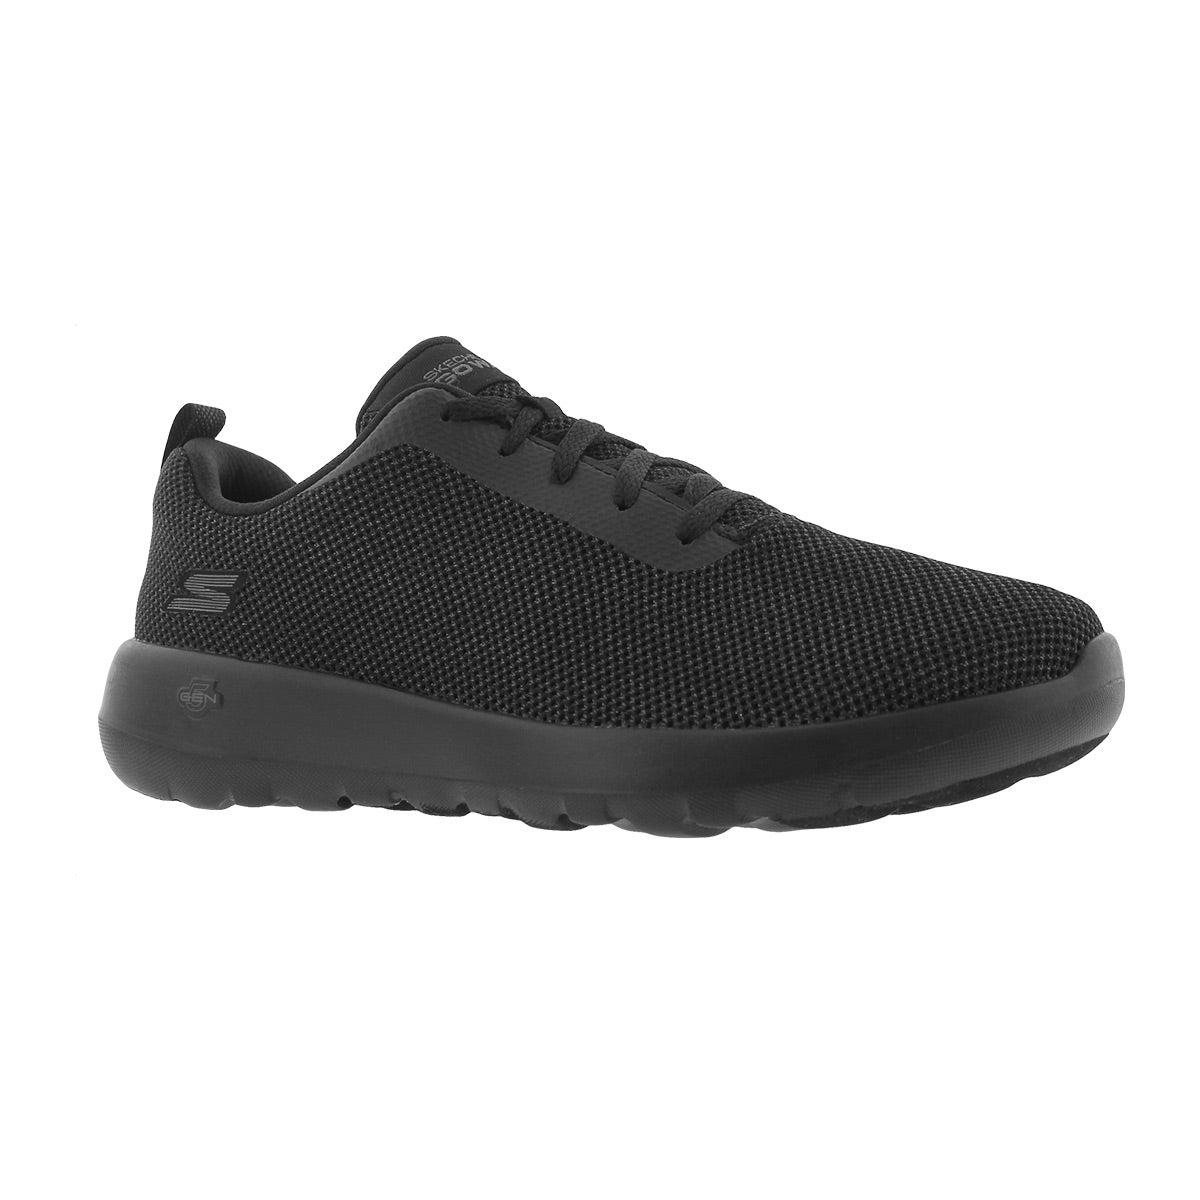 Women's GO WALK JOY black lace up walking shoe